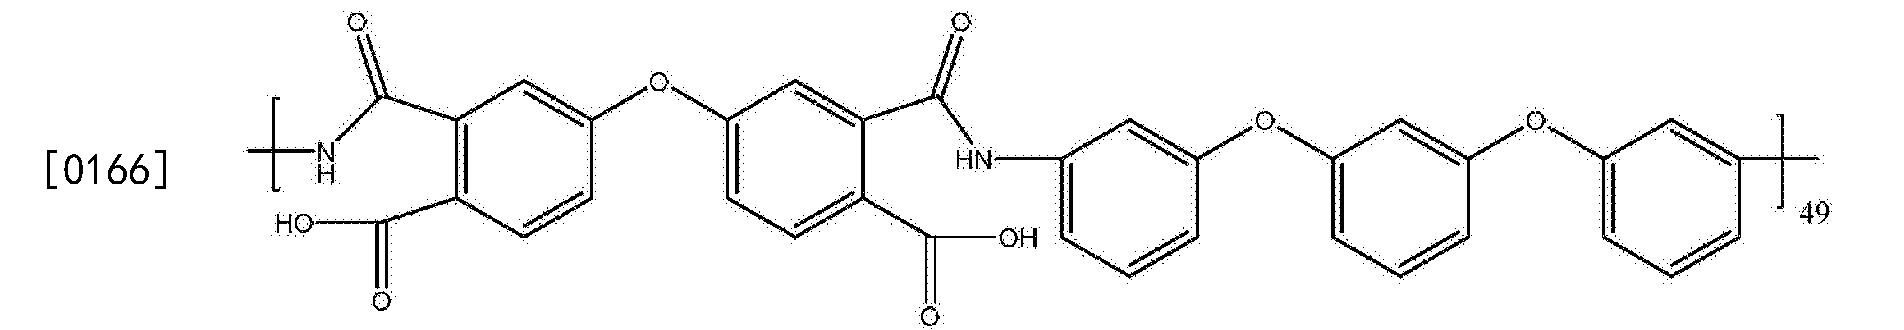 Figure CN104829837BD00211